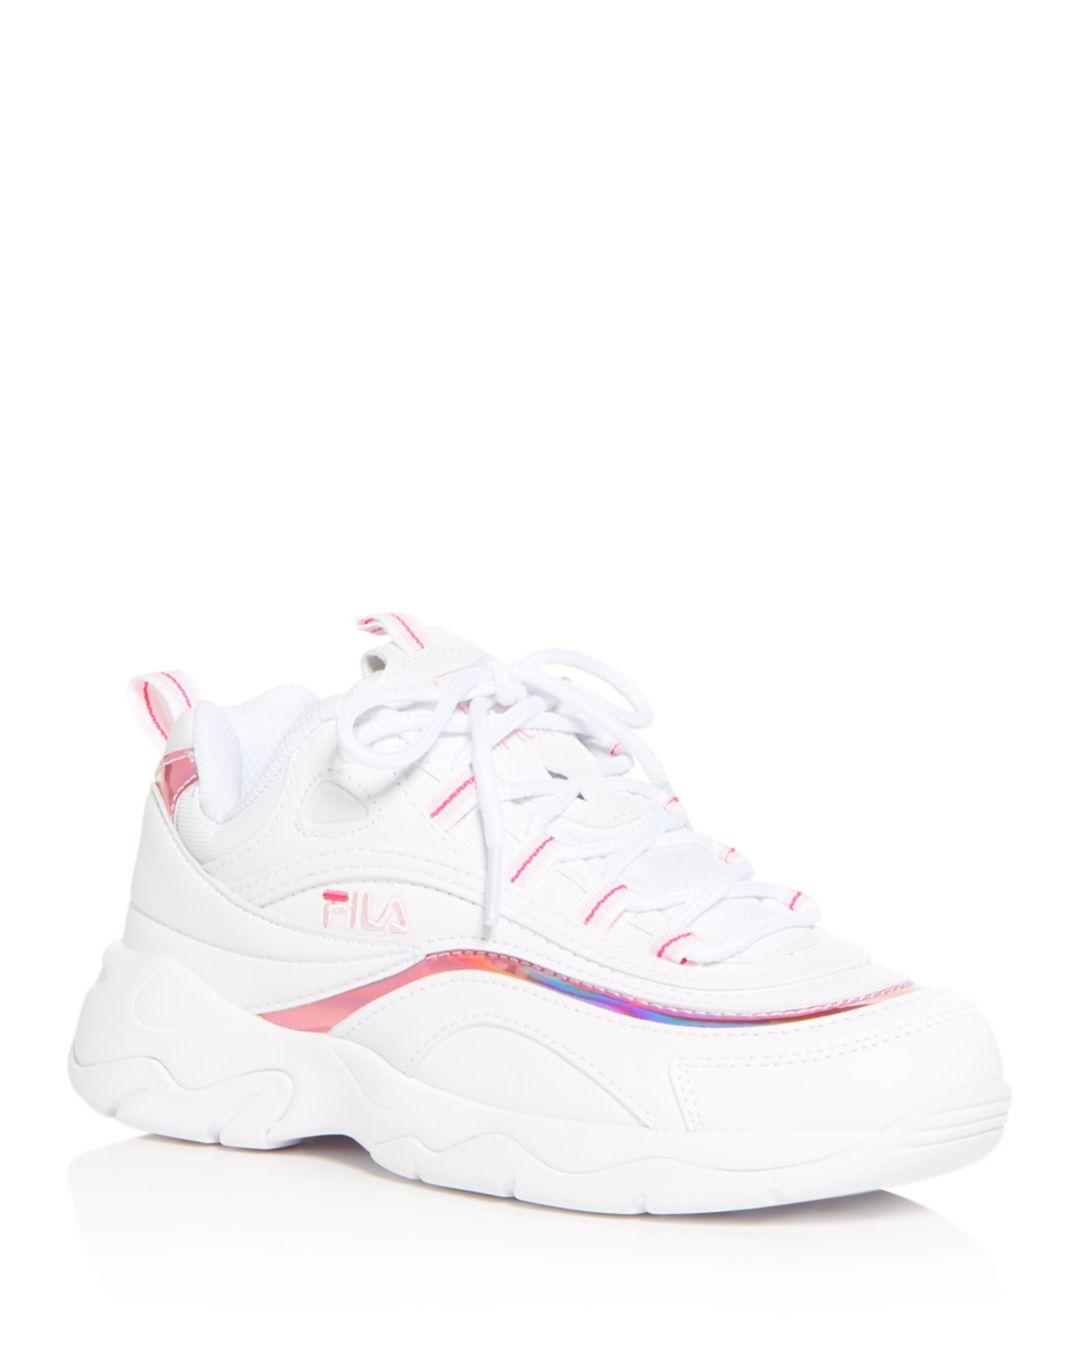 Fila Women's Ray Low - Top Sneakers in